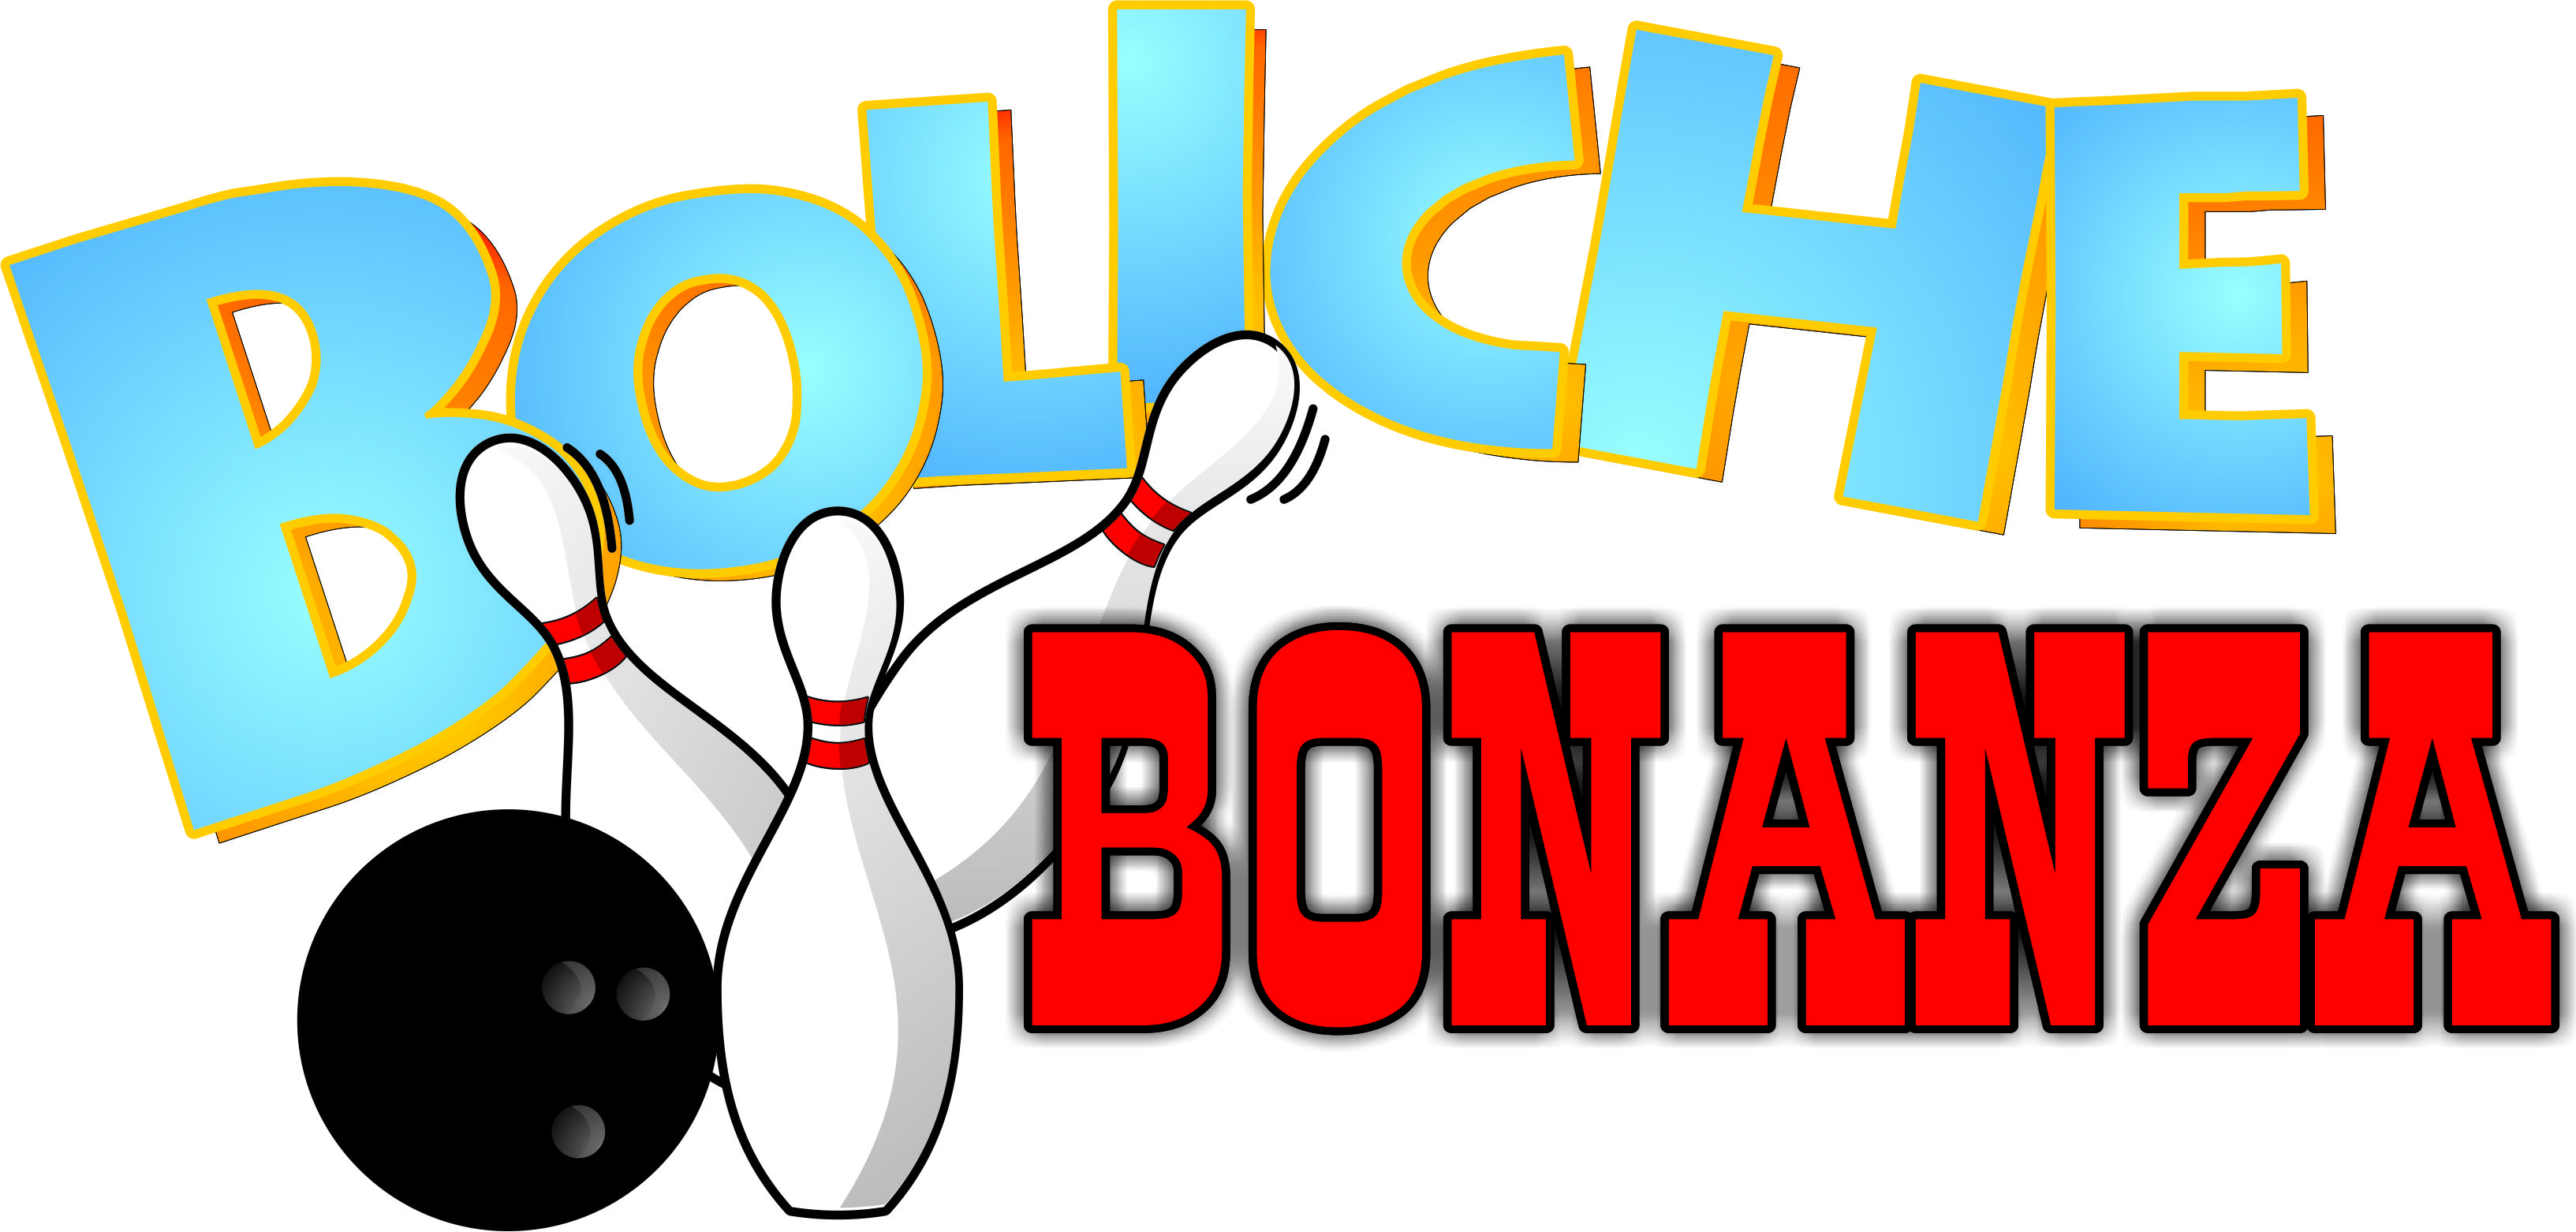 Boliche Bonanza